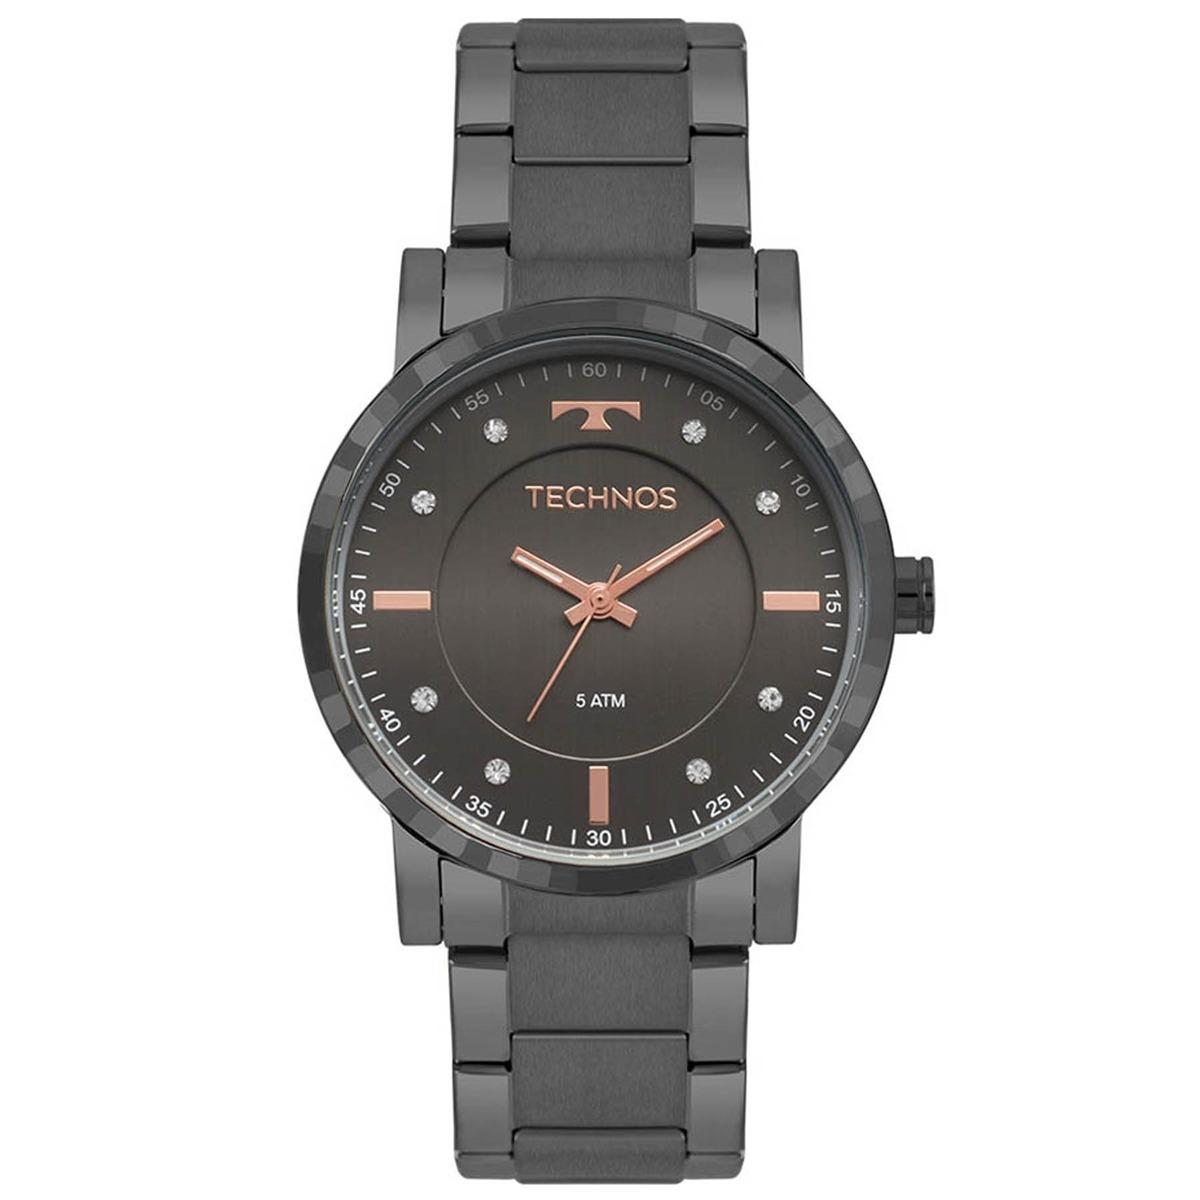 de9182728c328 relógio technos feminino swarovski 2036mjr 4c. Carregando zoom.